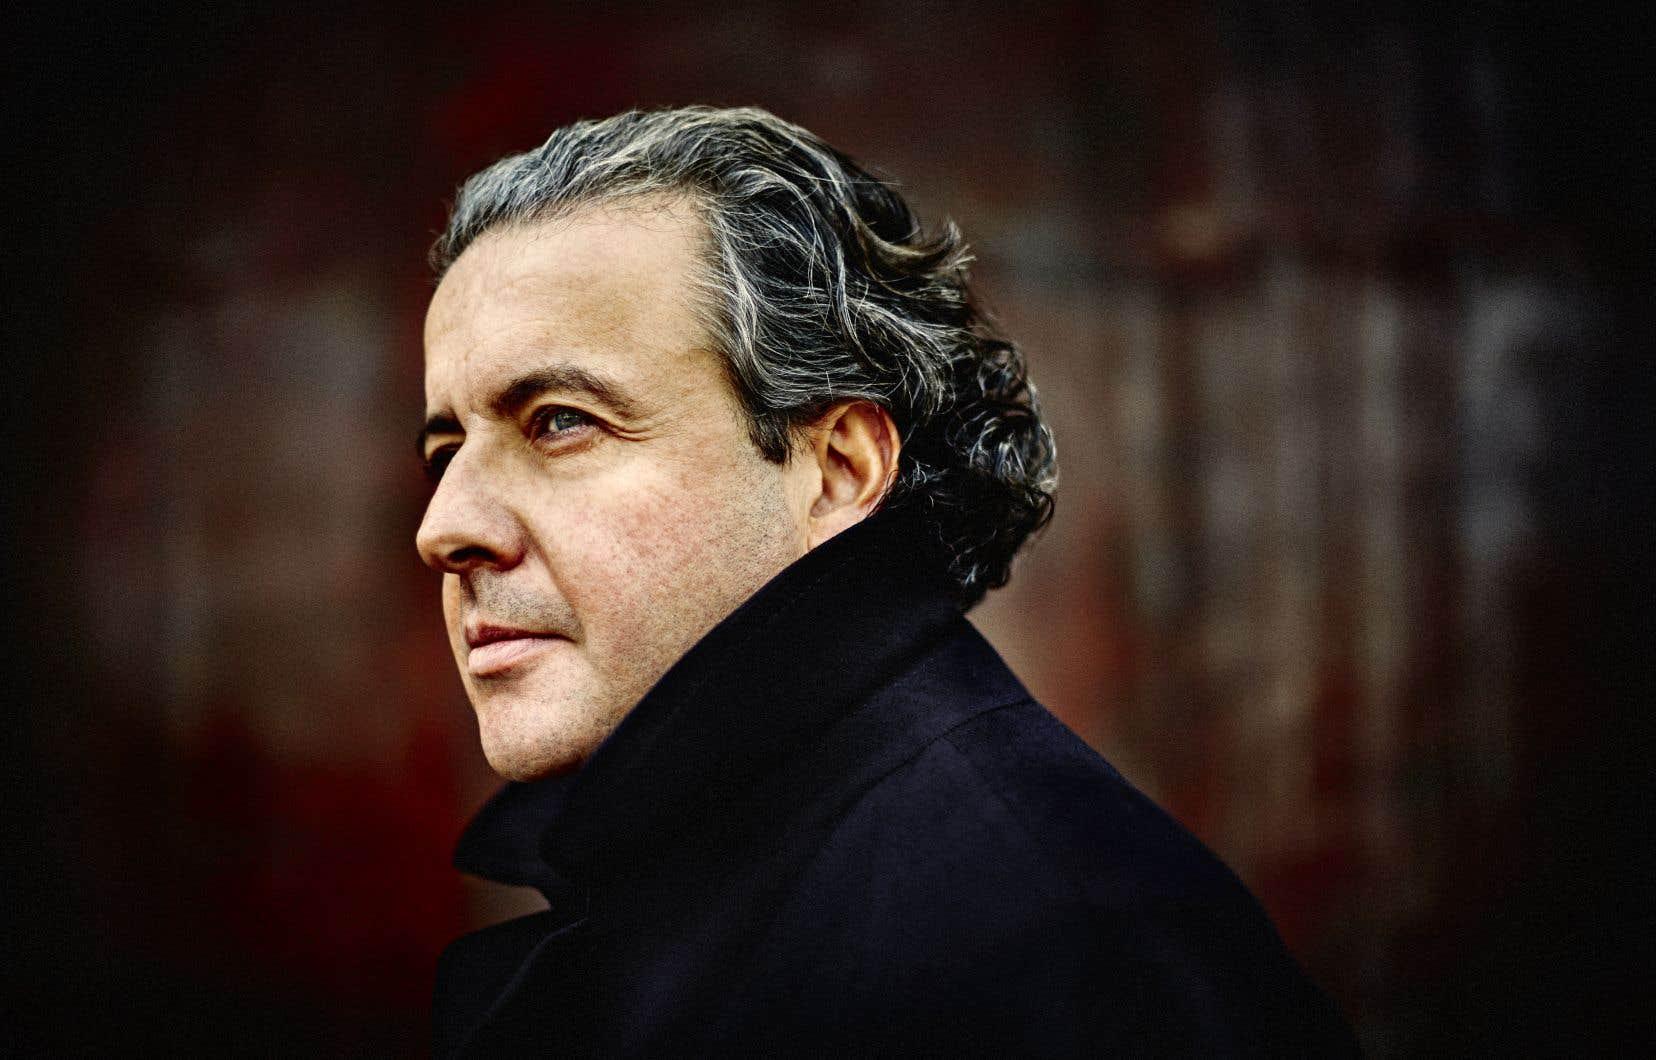 Le chef basqueJuanjo Mena s'est dit ravi de travailler avec un orchestre qui connaît si bien la musique française.